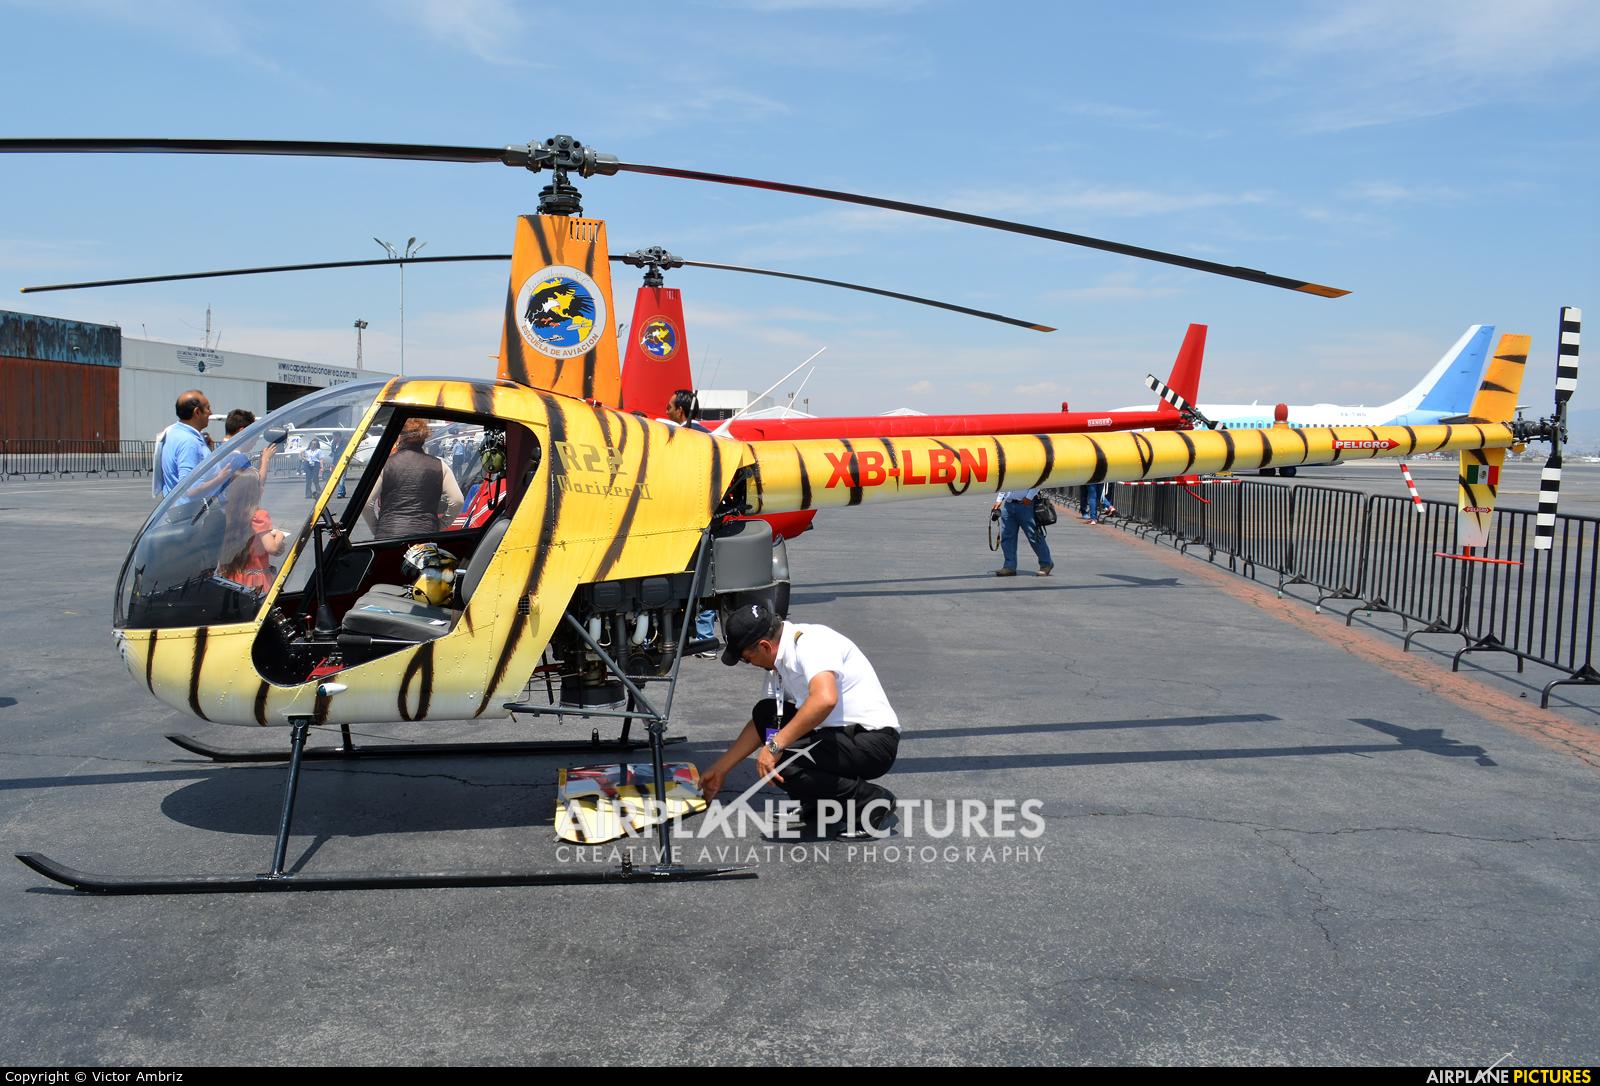 Aeroanahuac Escuela de Aviación XB-LBN aircraft at Toluca Intl